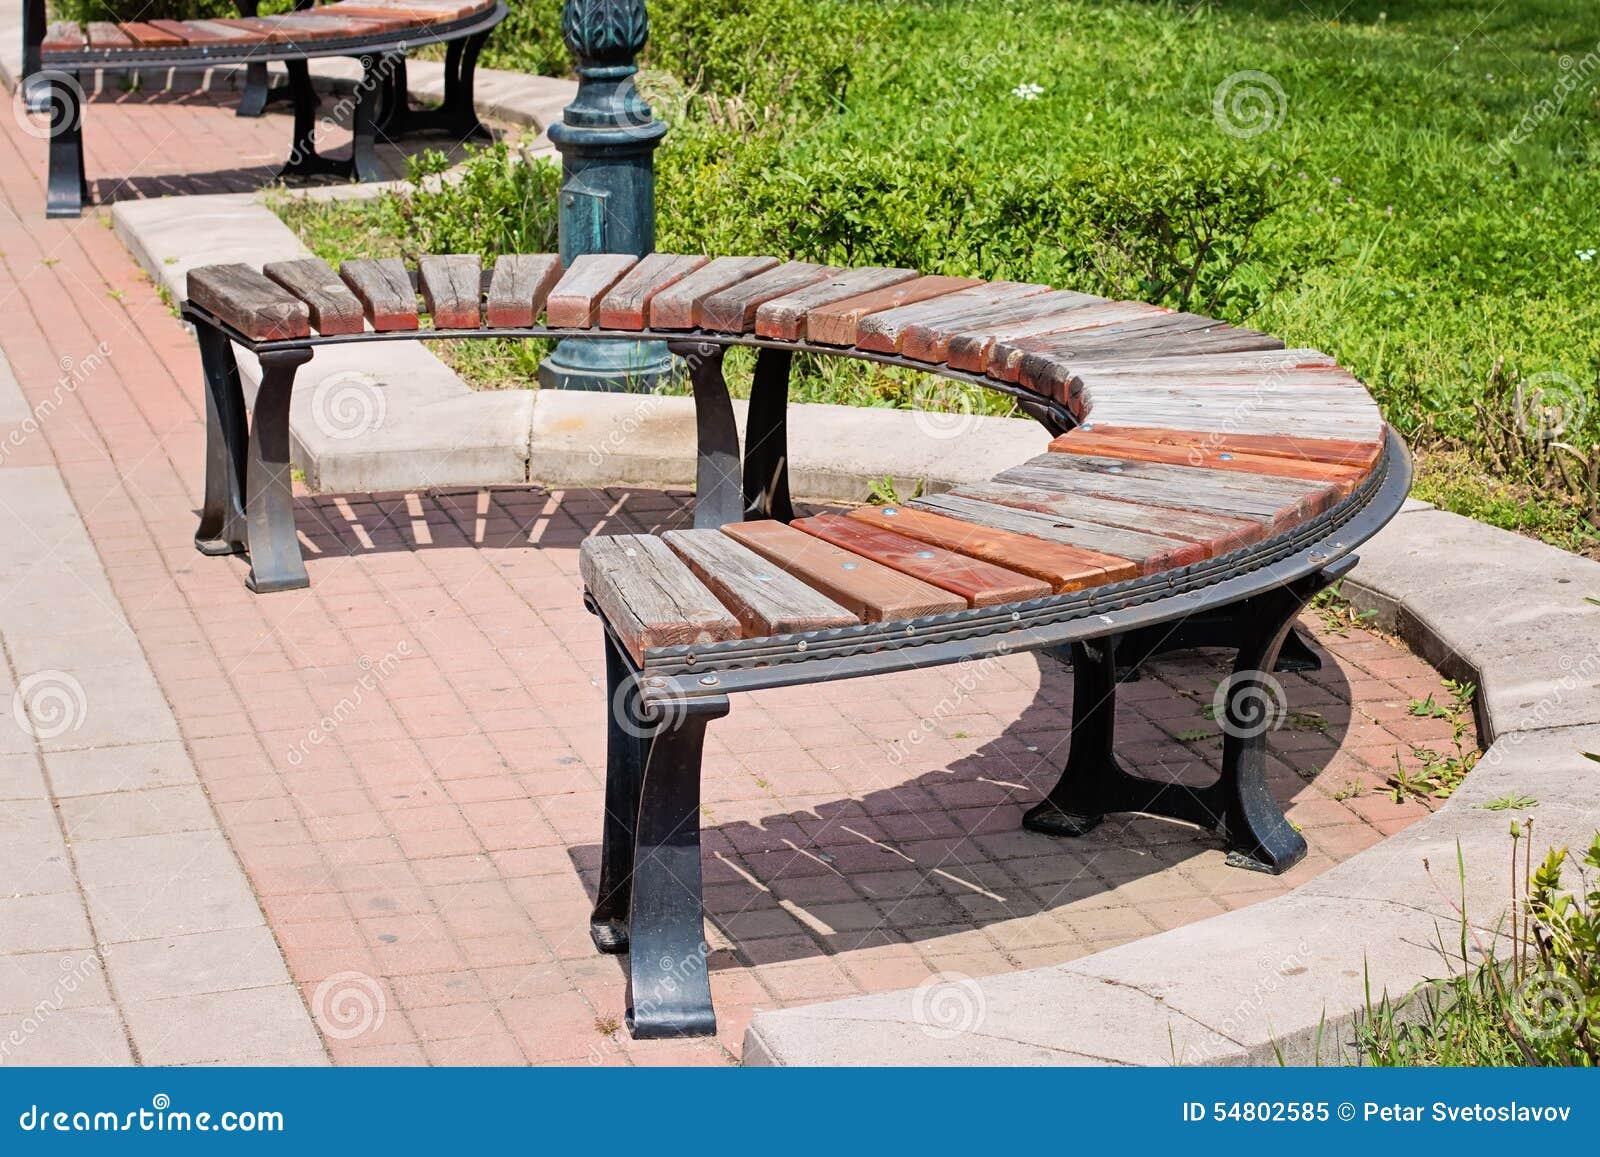 Banc Rond En Bois En Parc Image Stock Image Du Neuf 54802585 # Achat Bancs Droits Bois